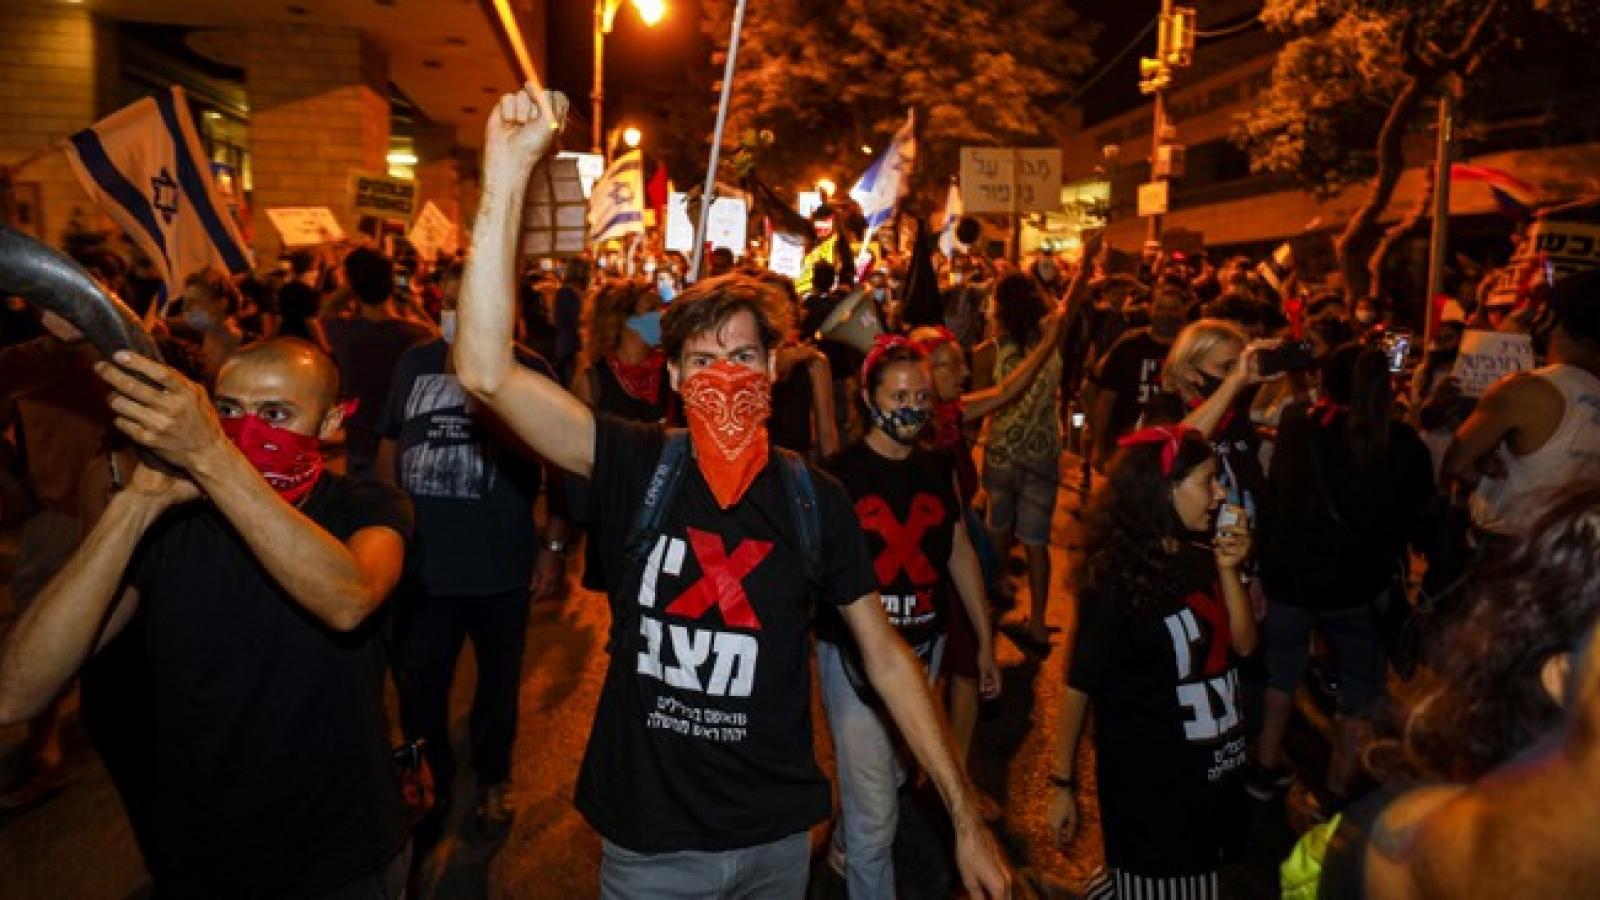 Biểu tình chống tham nhũng và phản đối cách xử lý Covid-19 ở Israel